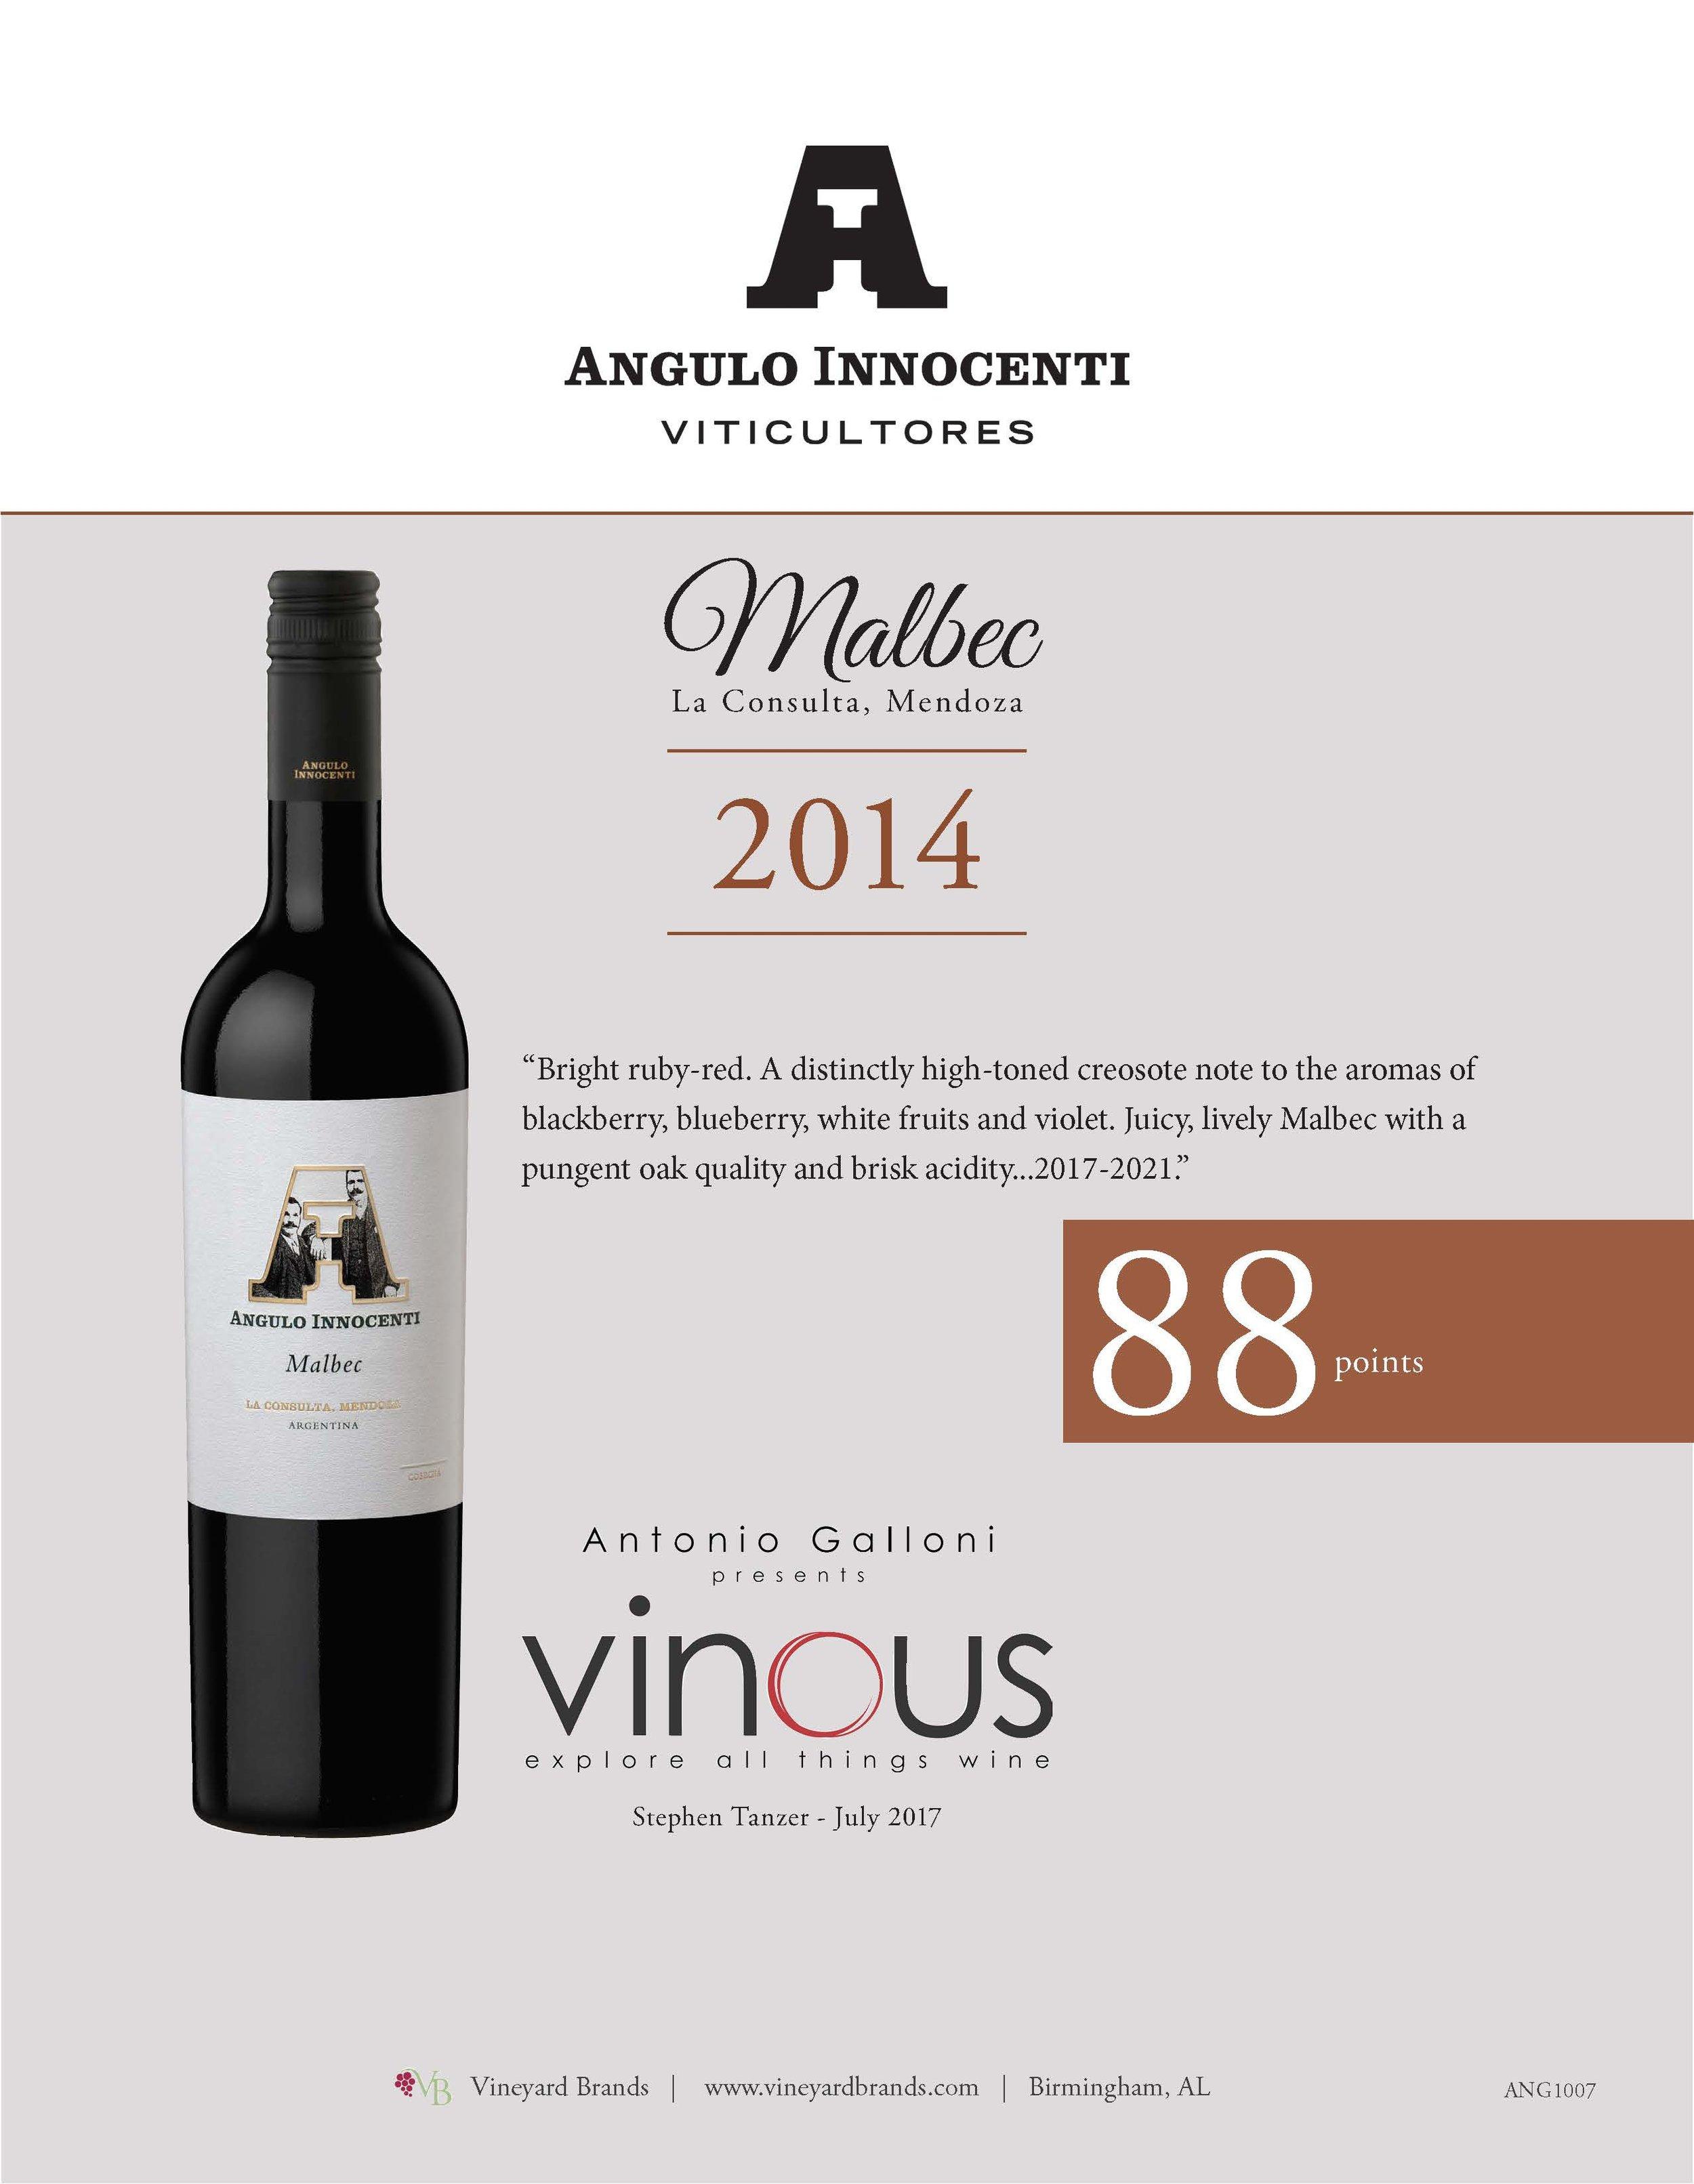 Angulo Innocenti Malbec La consulta 2014.jpg